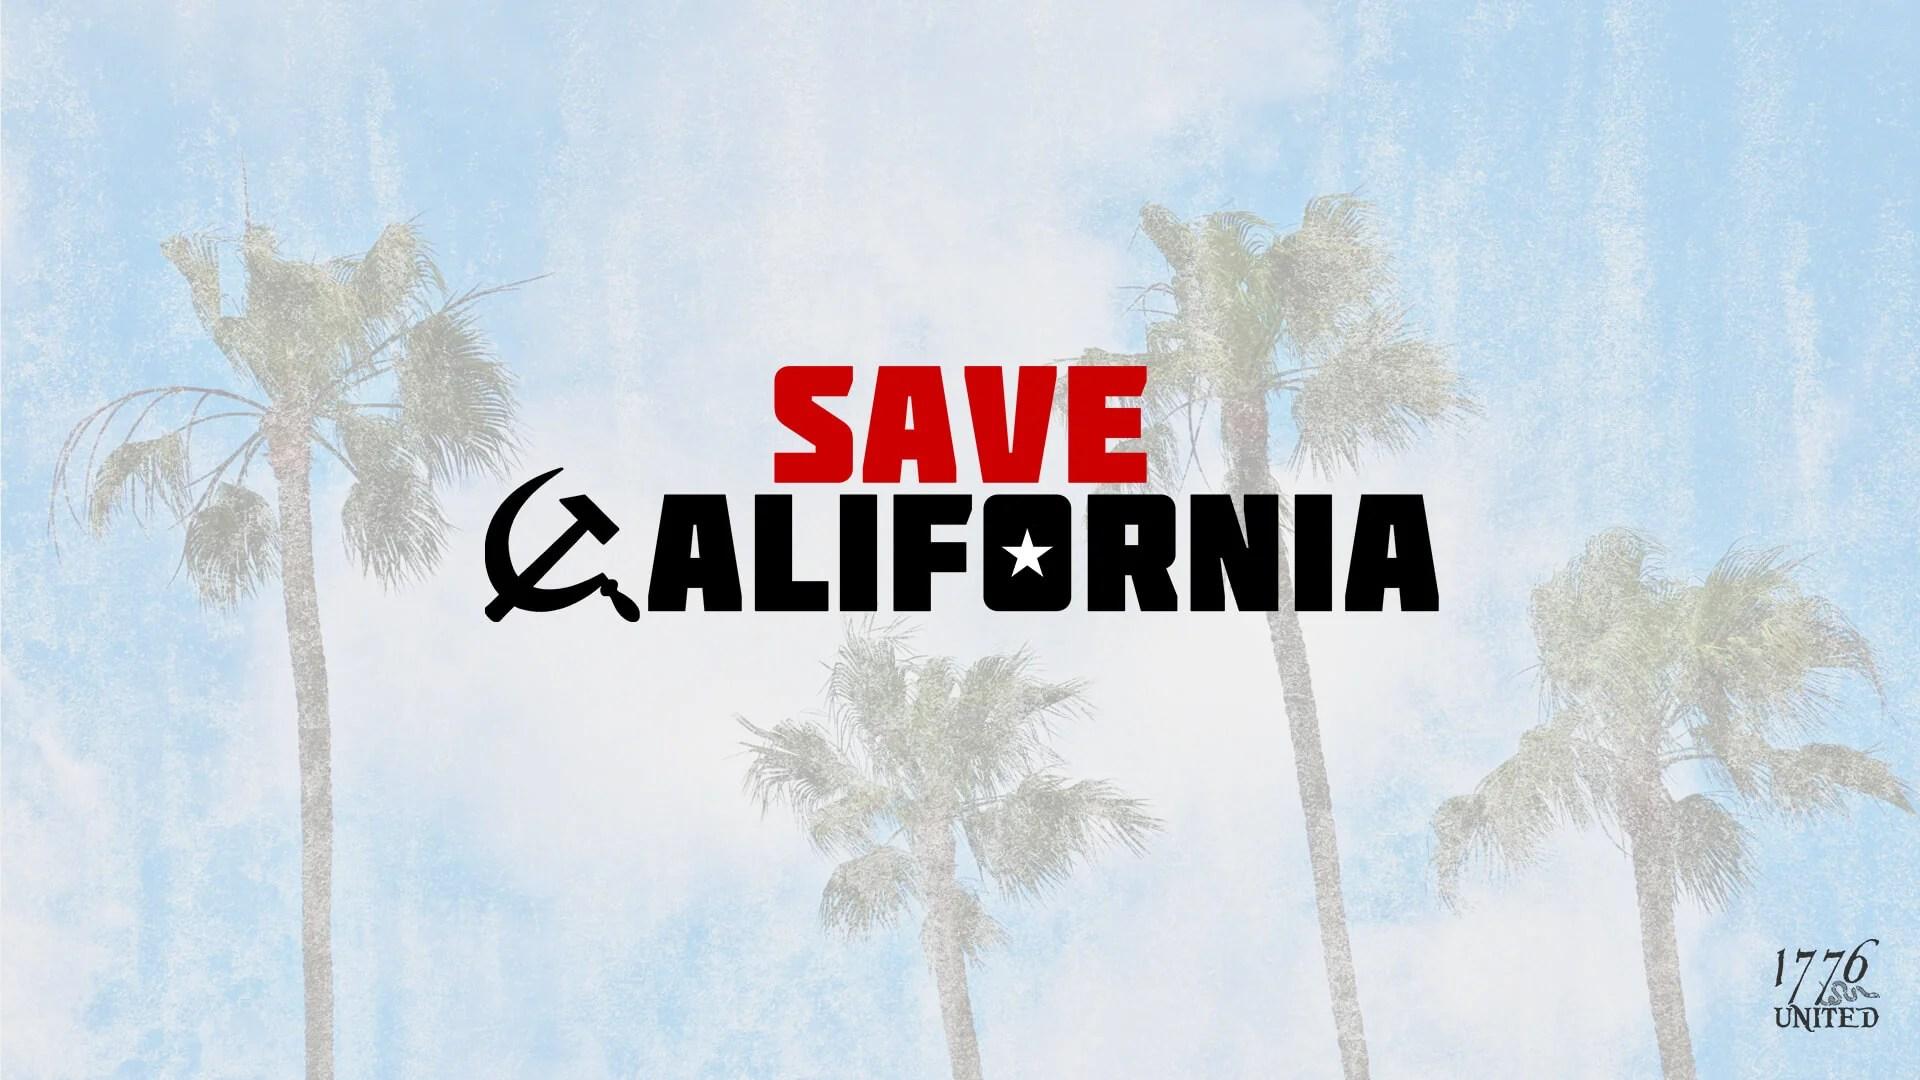 Pubg Gun Wallpapers 1776 United Save California Patriotic Desktop Wallpaper